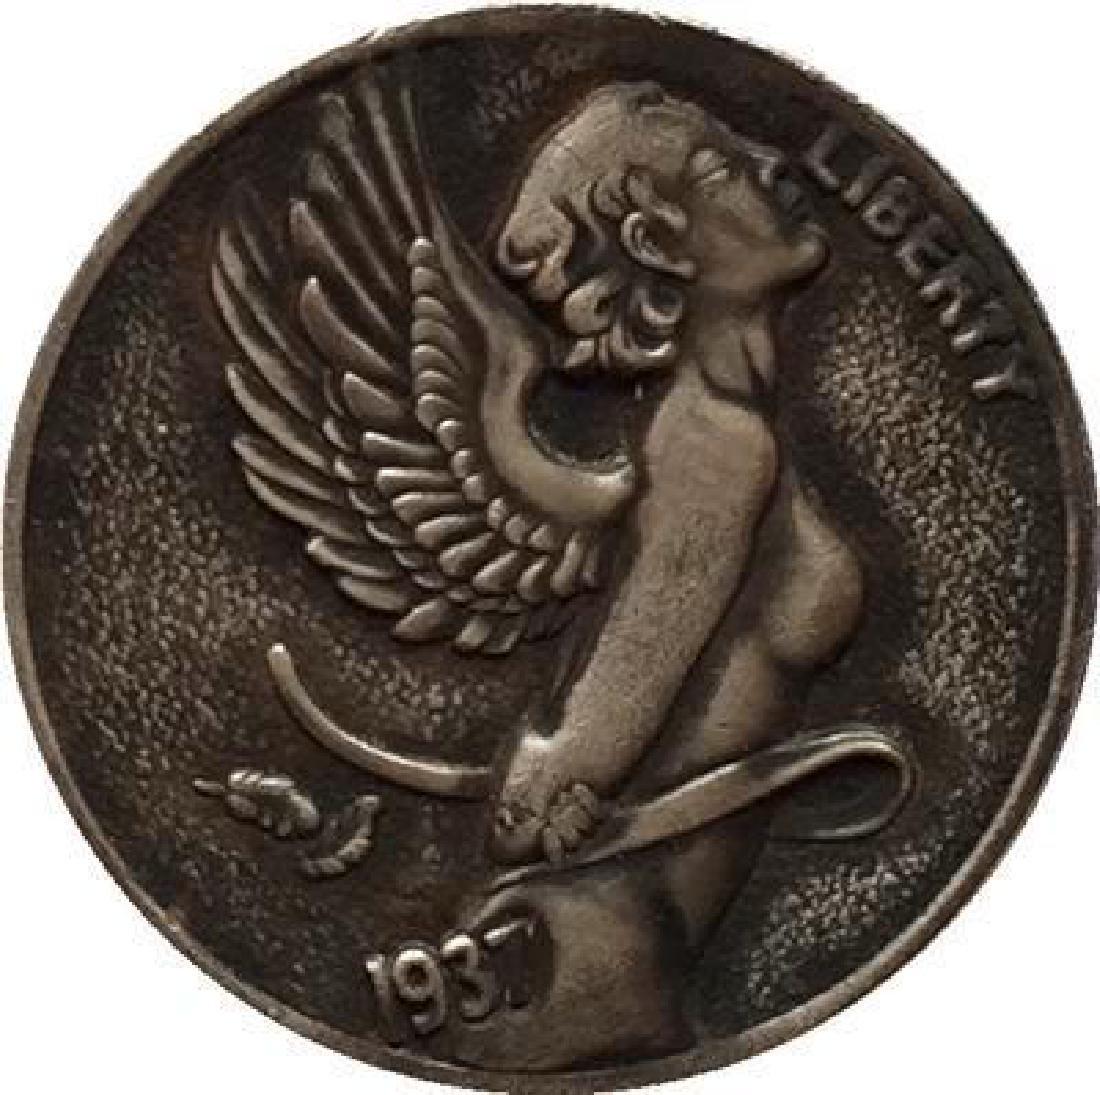 1937 USA Beautiful Angel Buffalo Coin